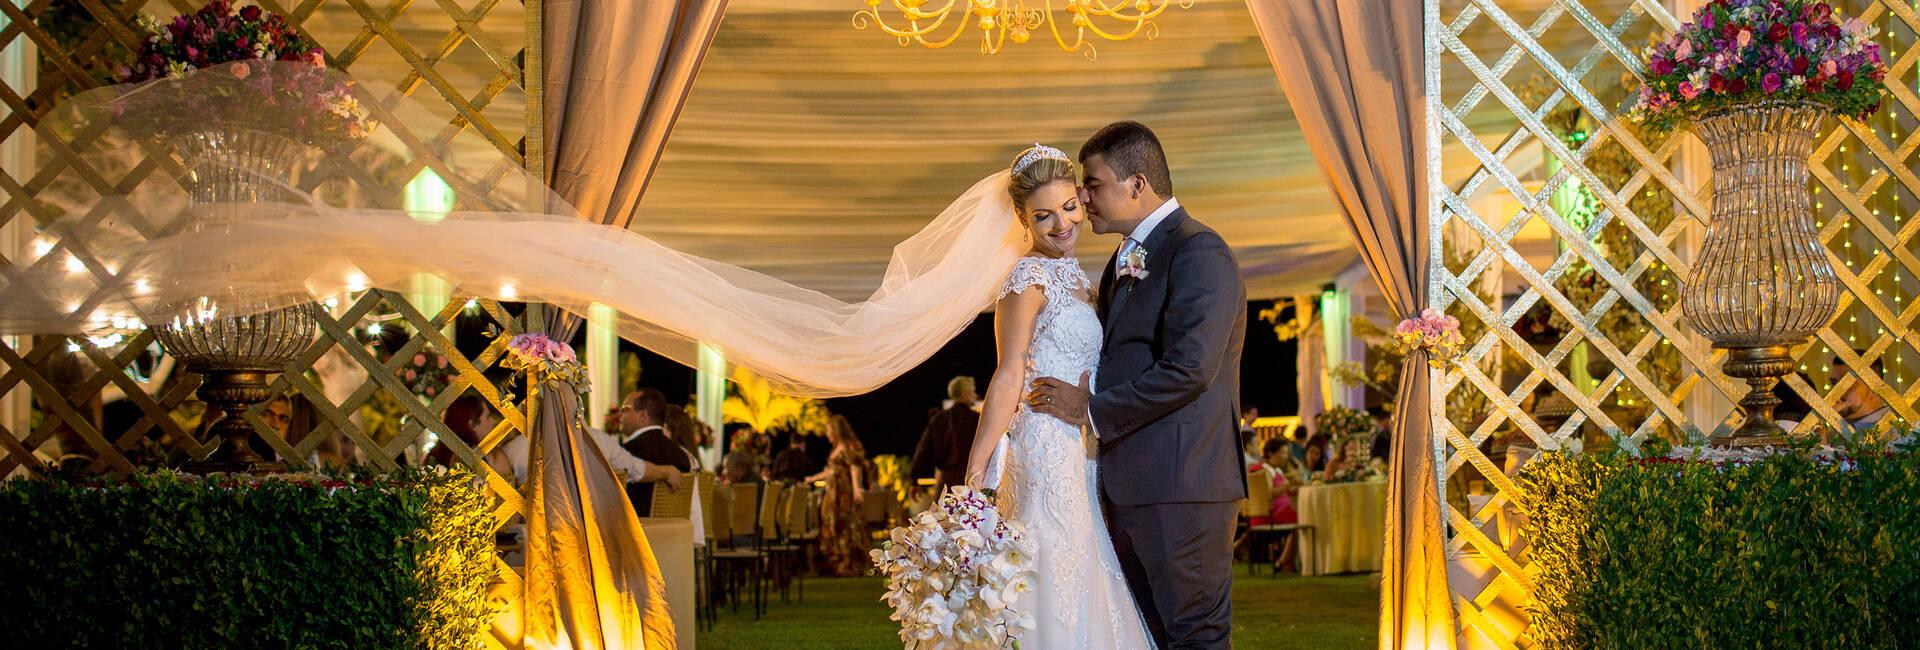 Casamento de Rafinha & Alex